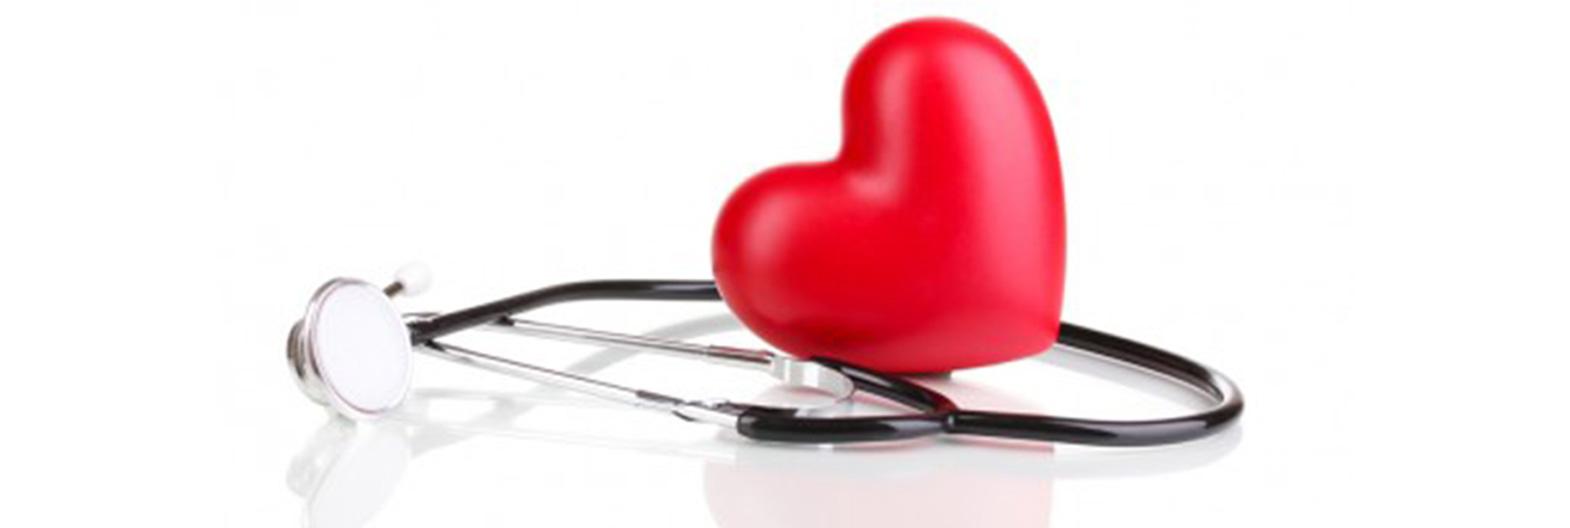 medicininė antrinės hipertenzijos istorija)